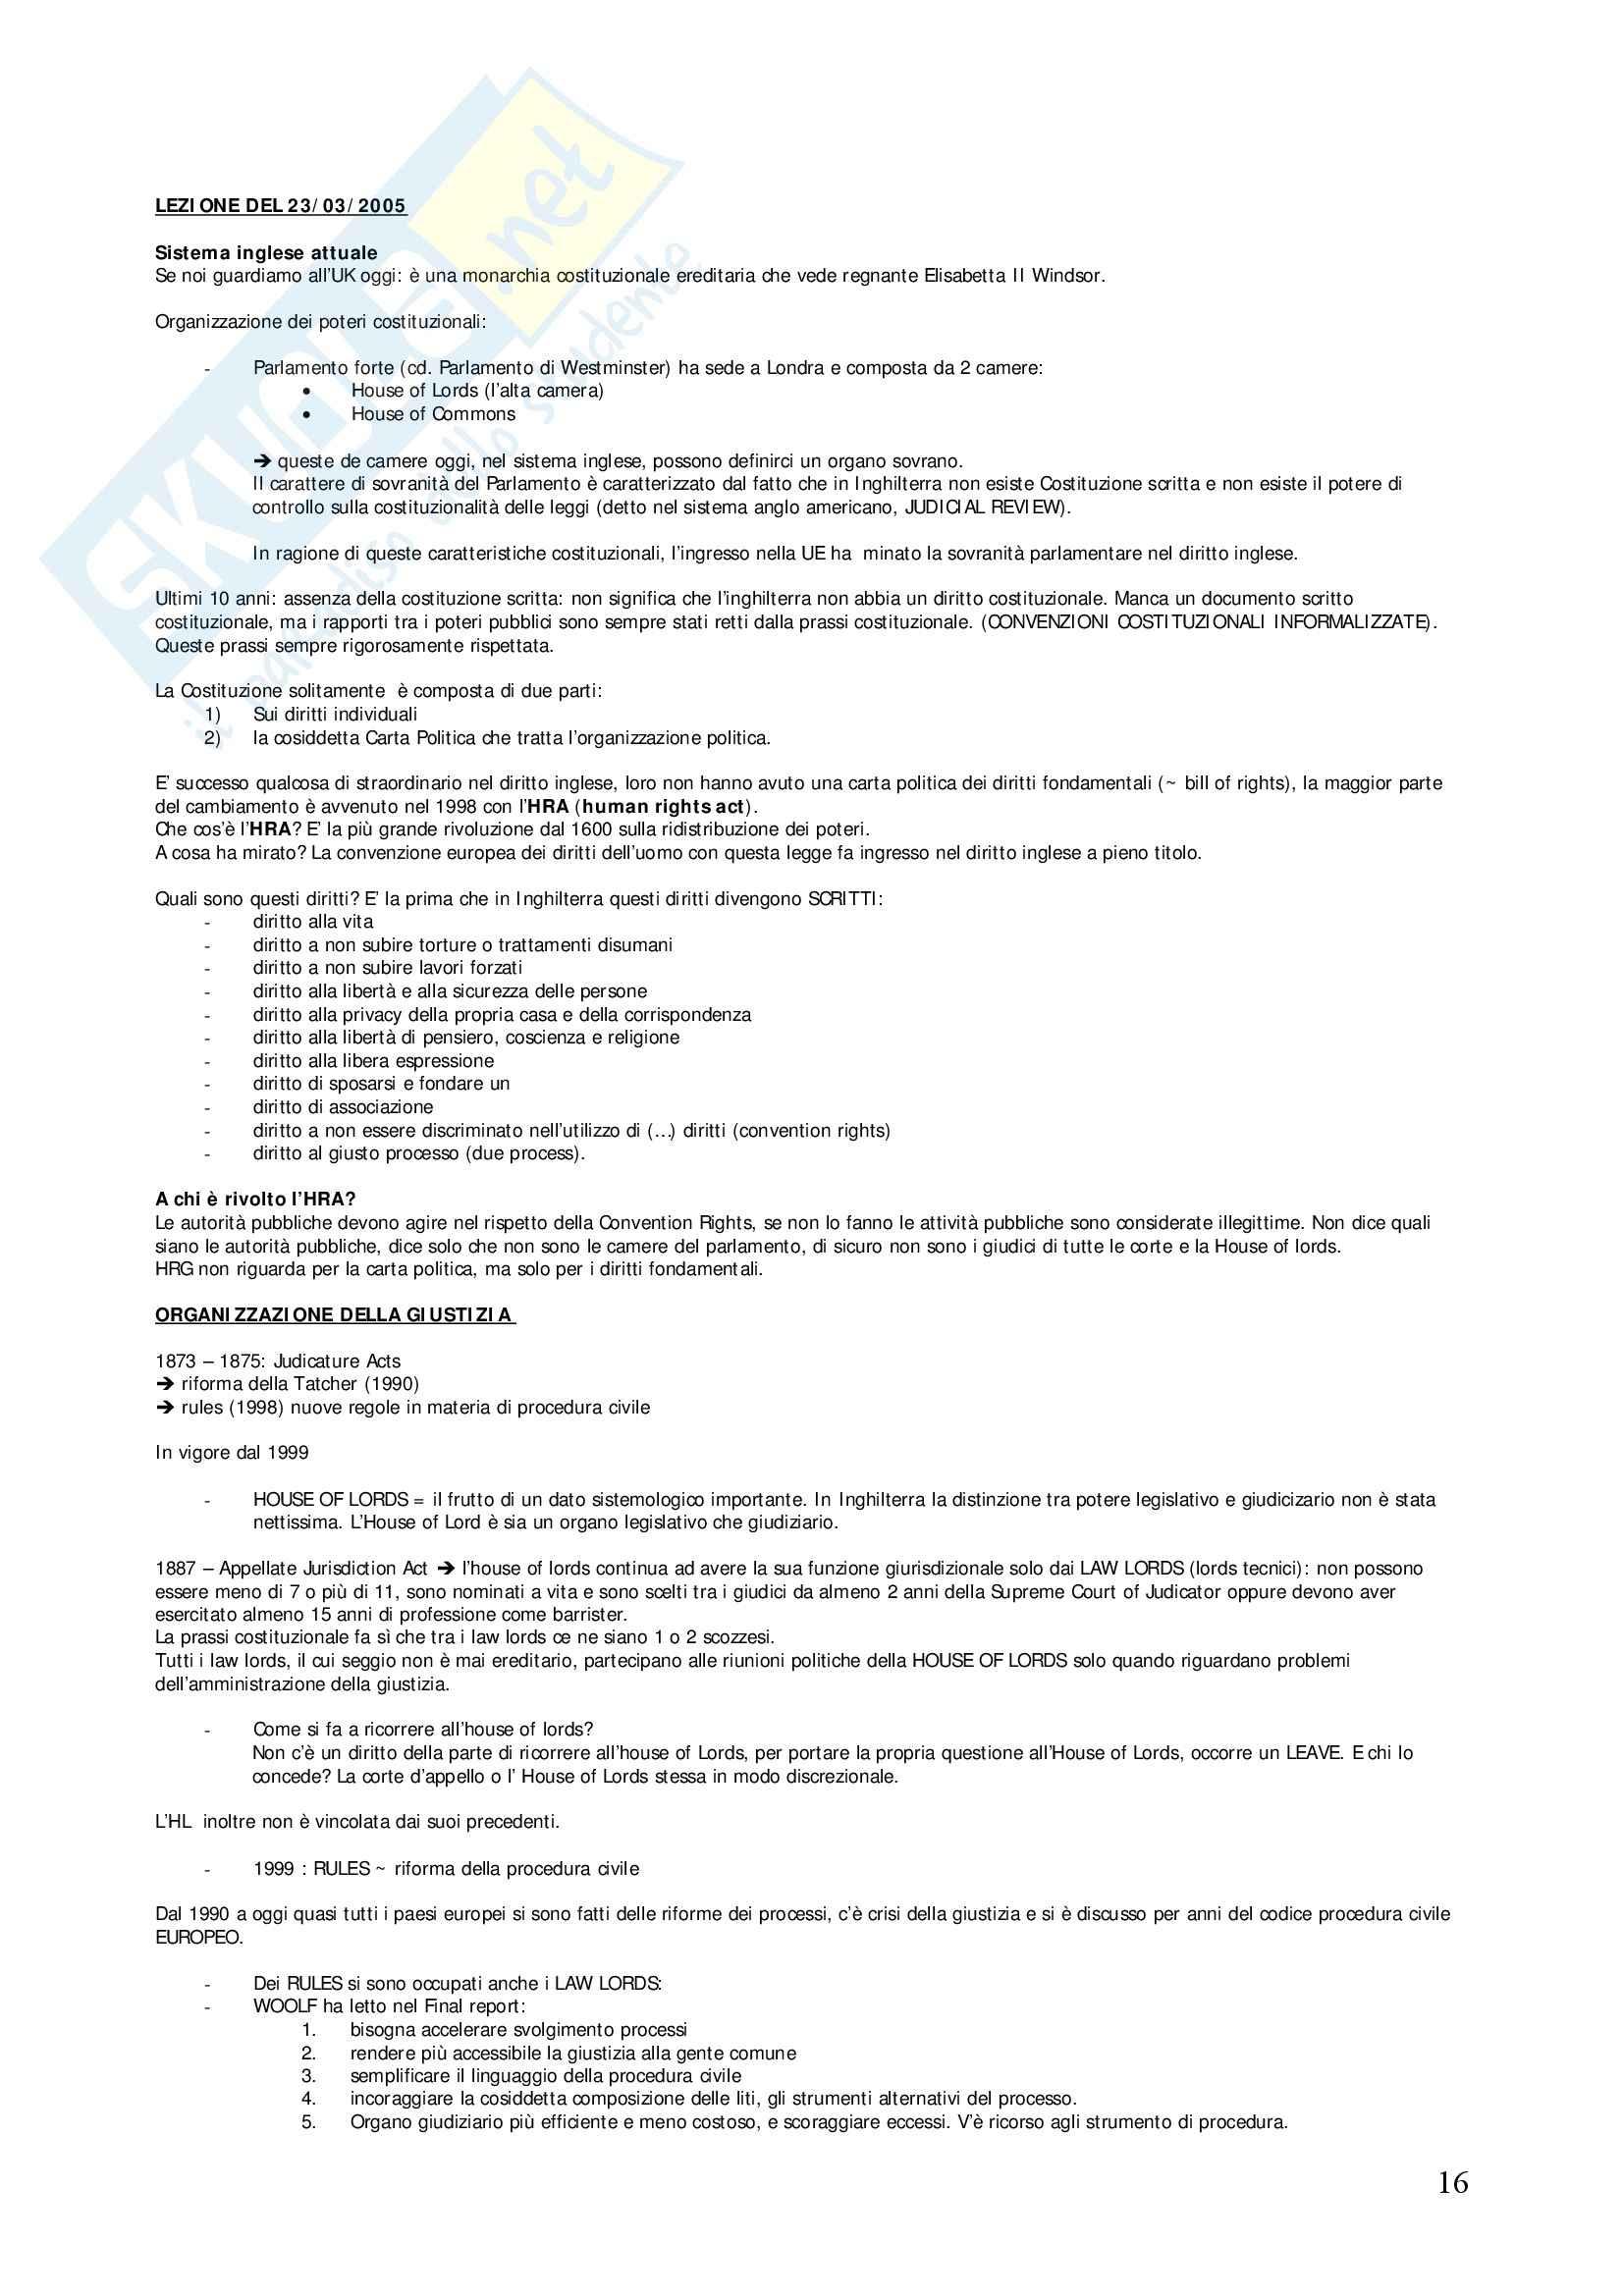 Diritto privato comparato - Appunti Pag. 16